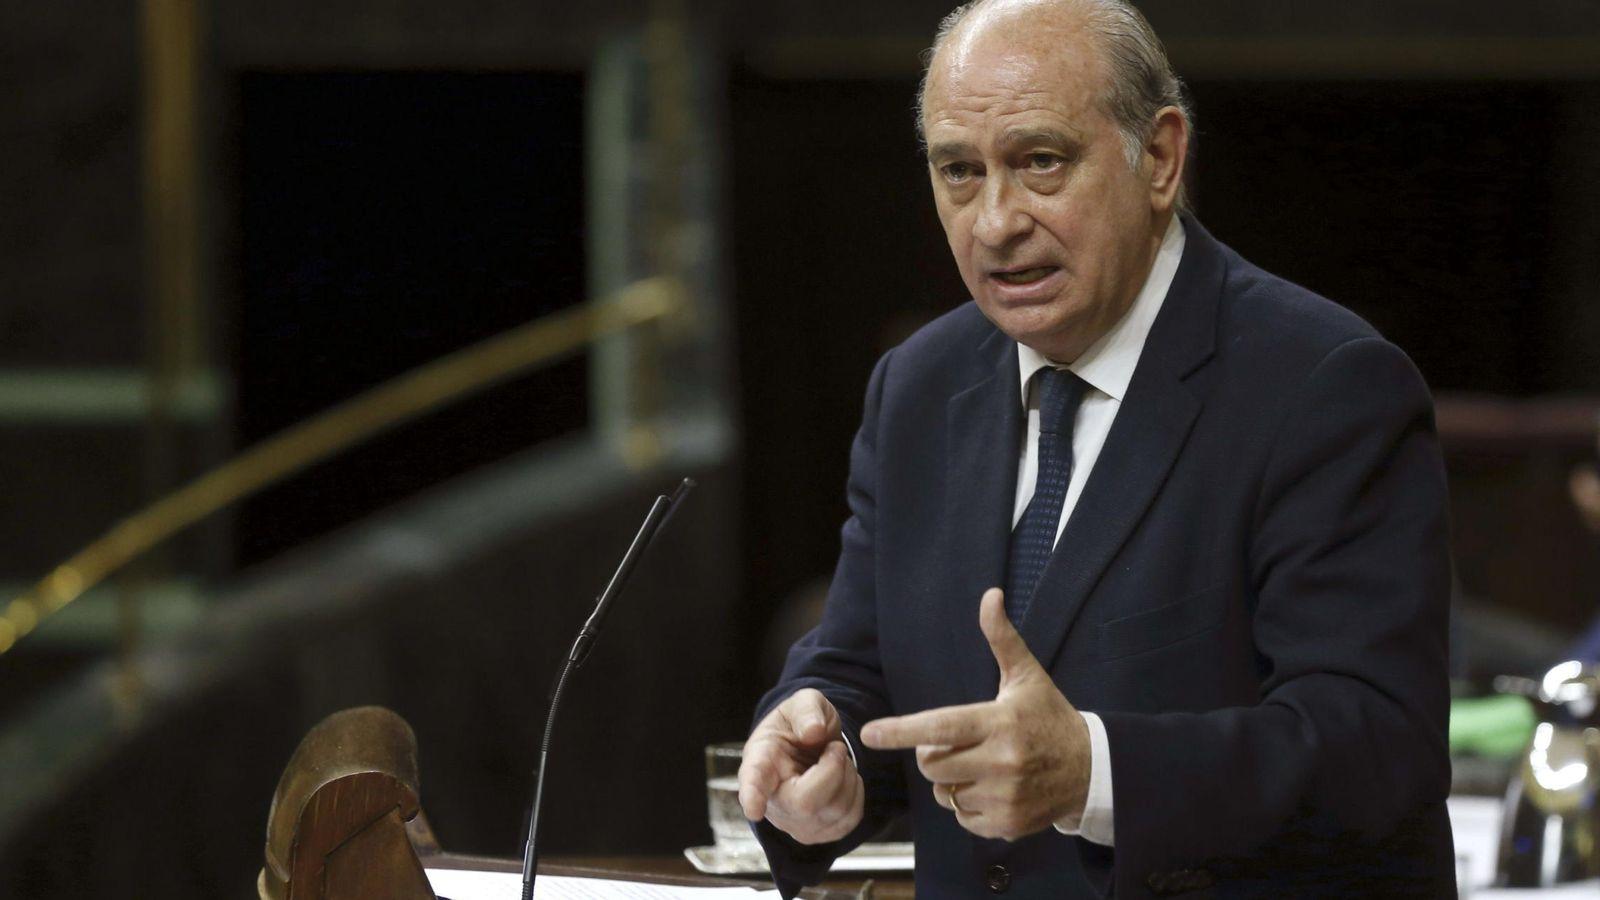 Foto: El ministro del Interior, Jorge Fernández Díaz, en el Congreso. (EFE)